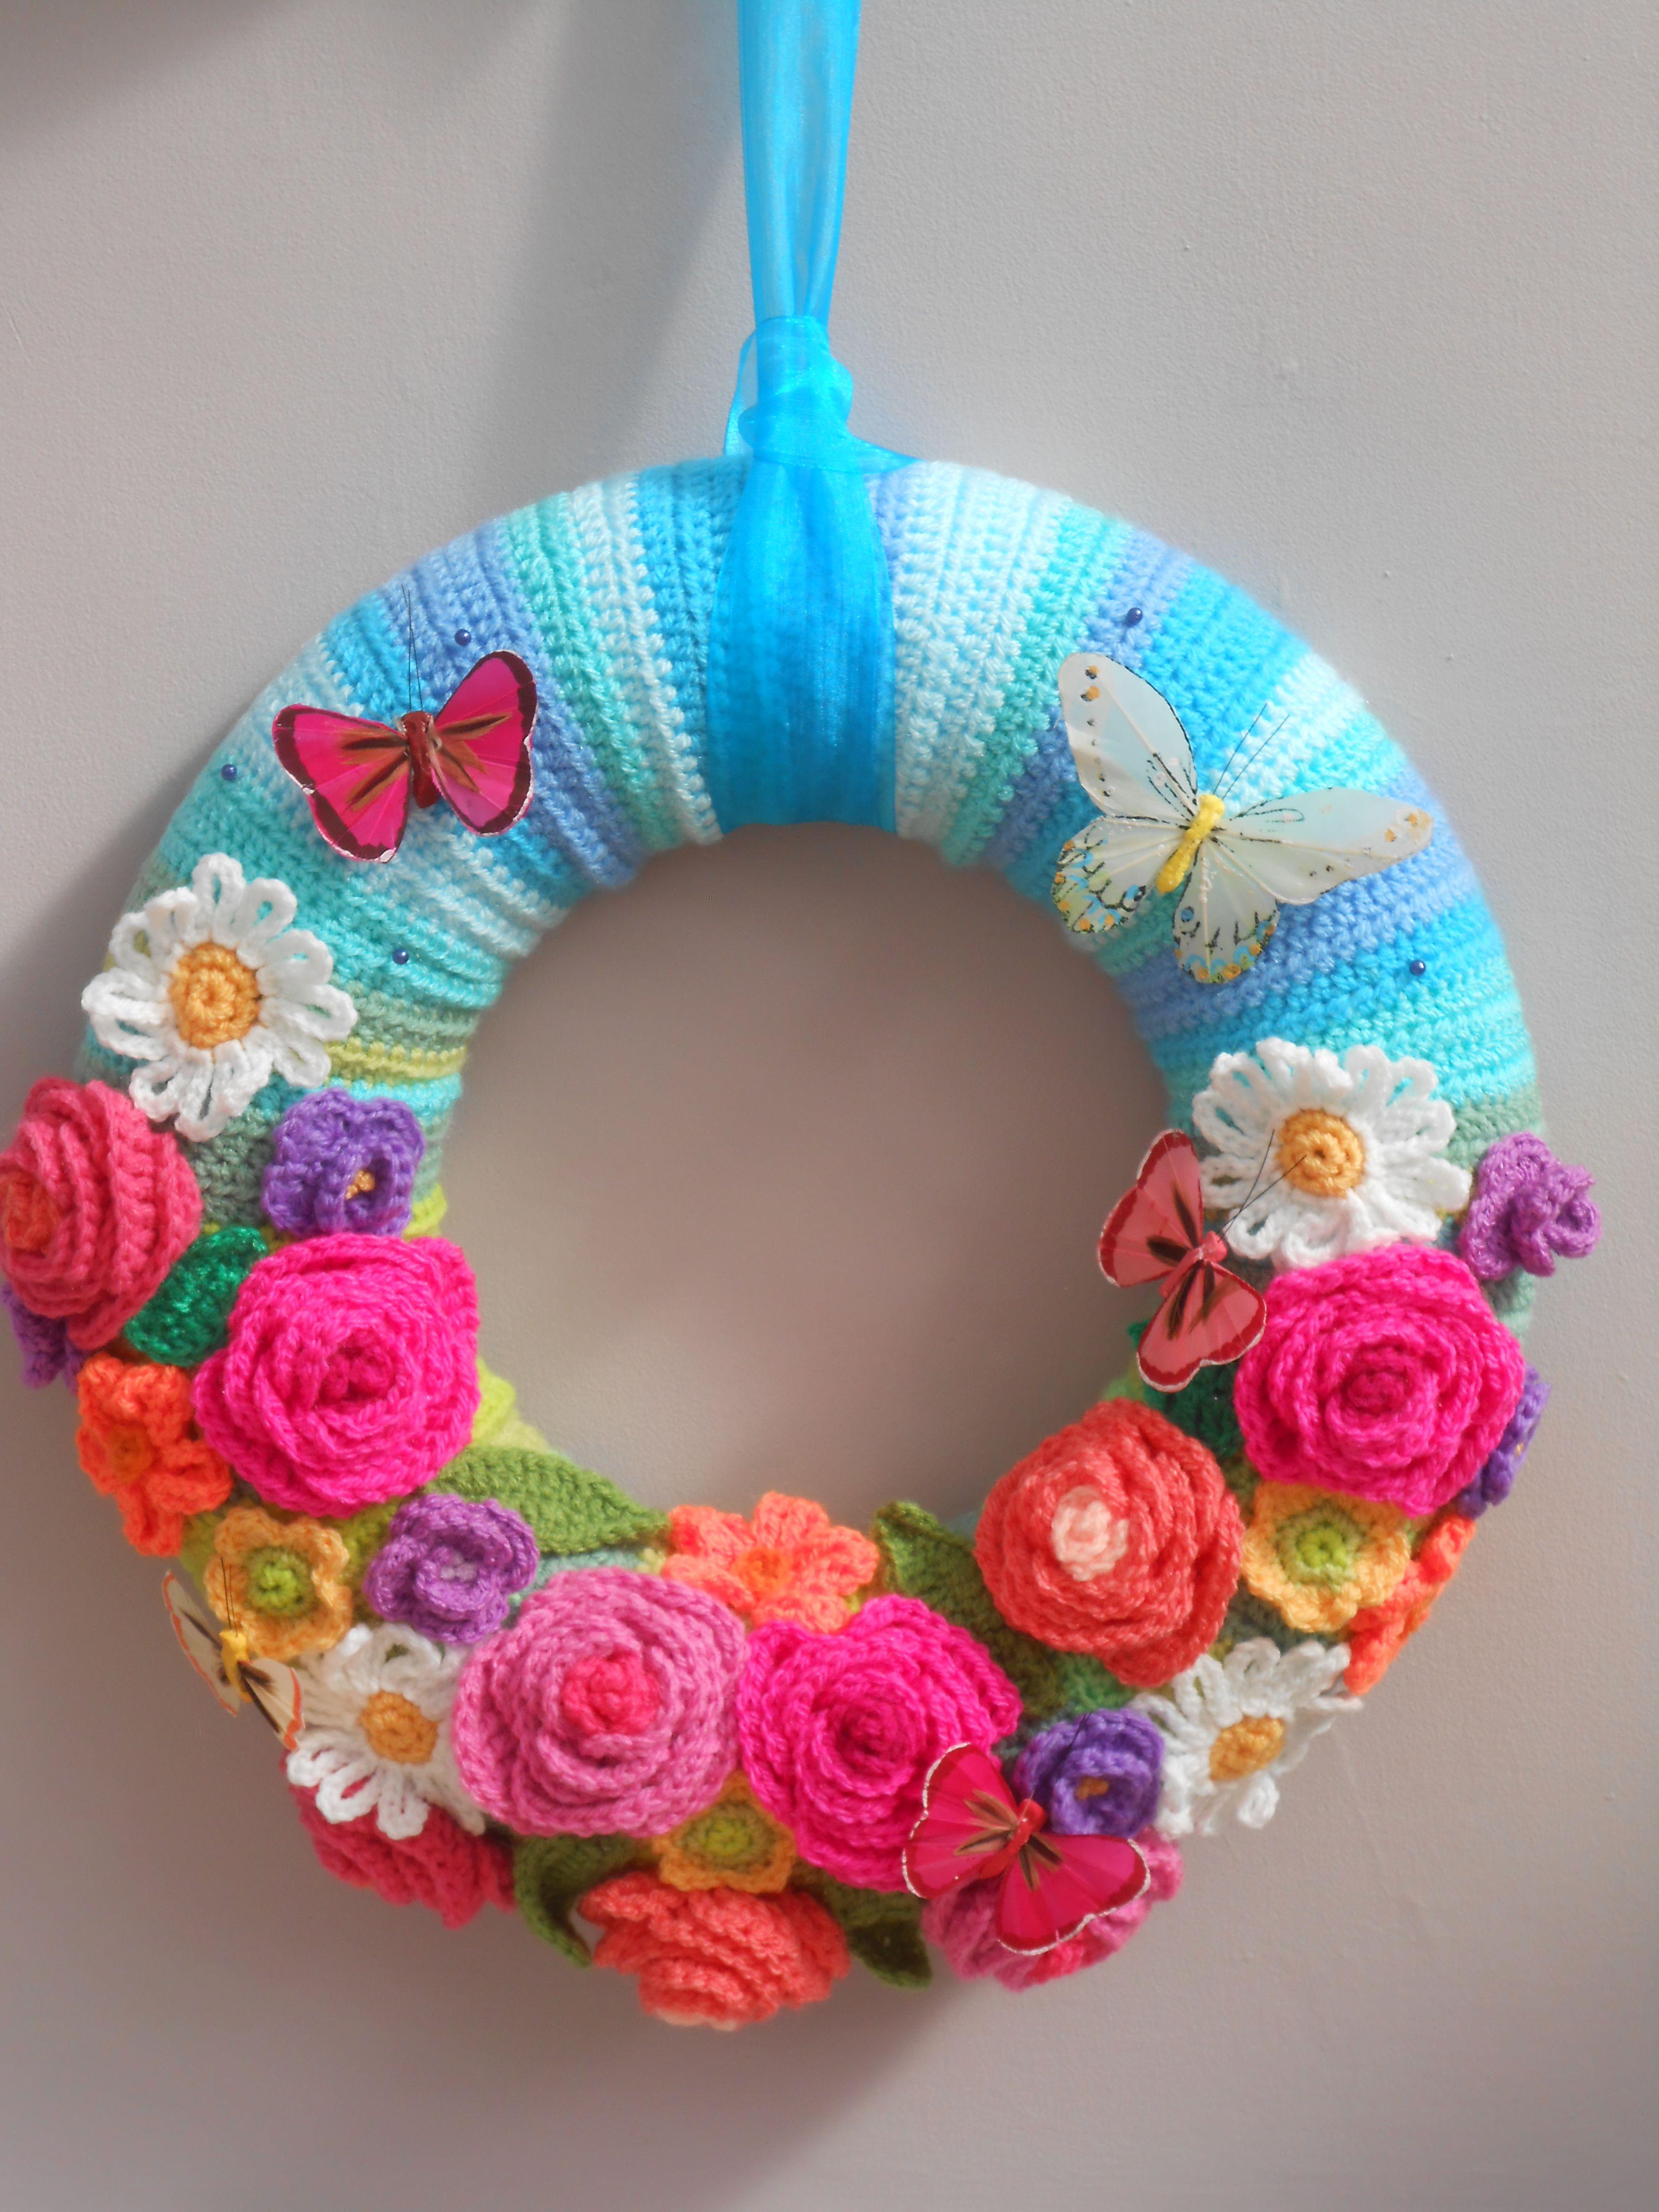 Pin de luz esperanza en crochet   Pinterest   Coronas, Las puertas y ...